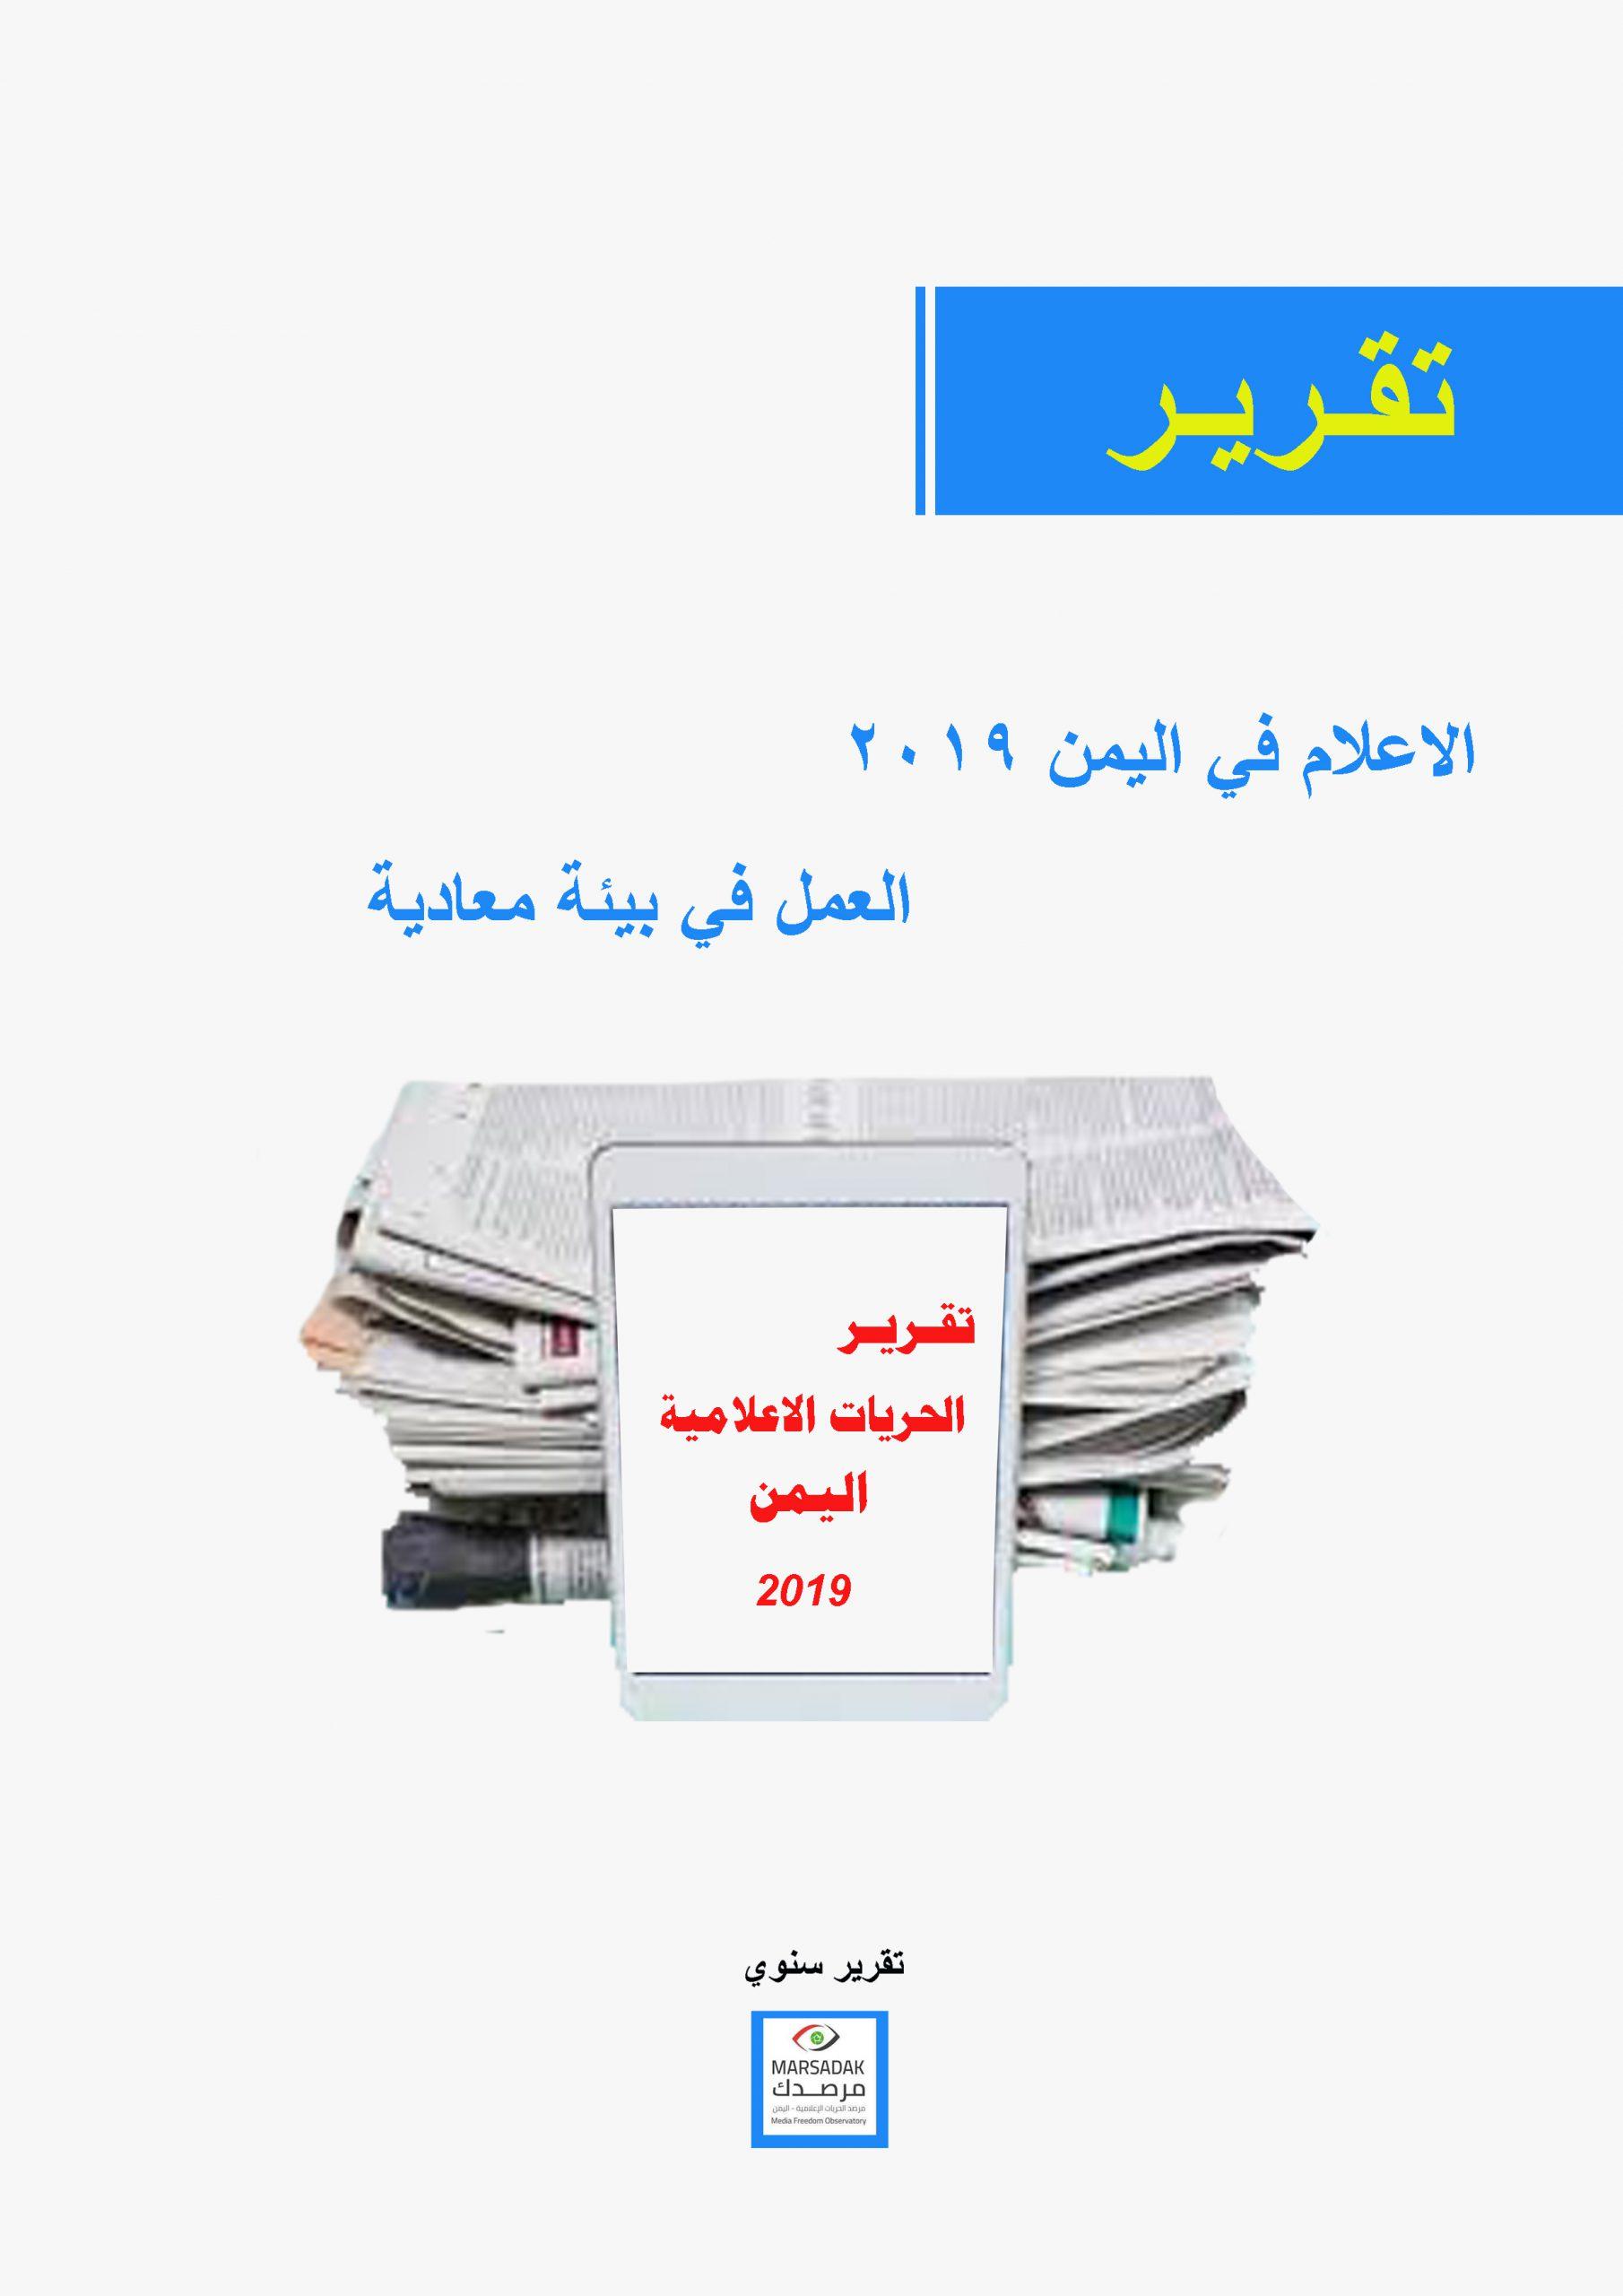 العمل في بيئة معادية .. تقرير لمرصد الحريات الإعلامية: 143 انتهاك ضد الحريات الإعلامية خلال العام 2019